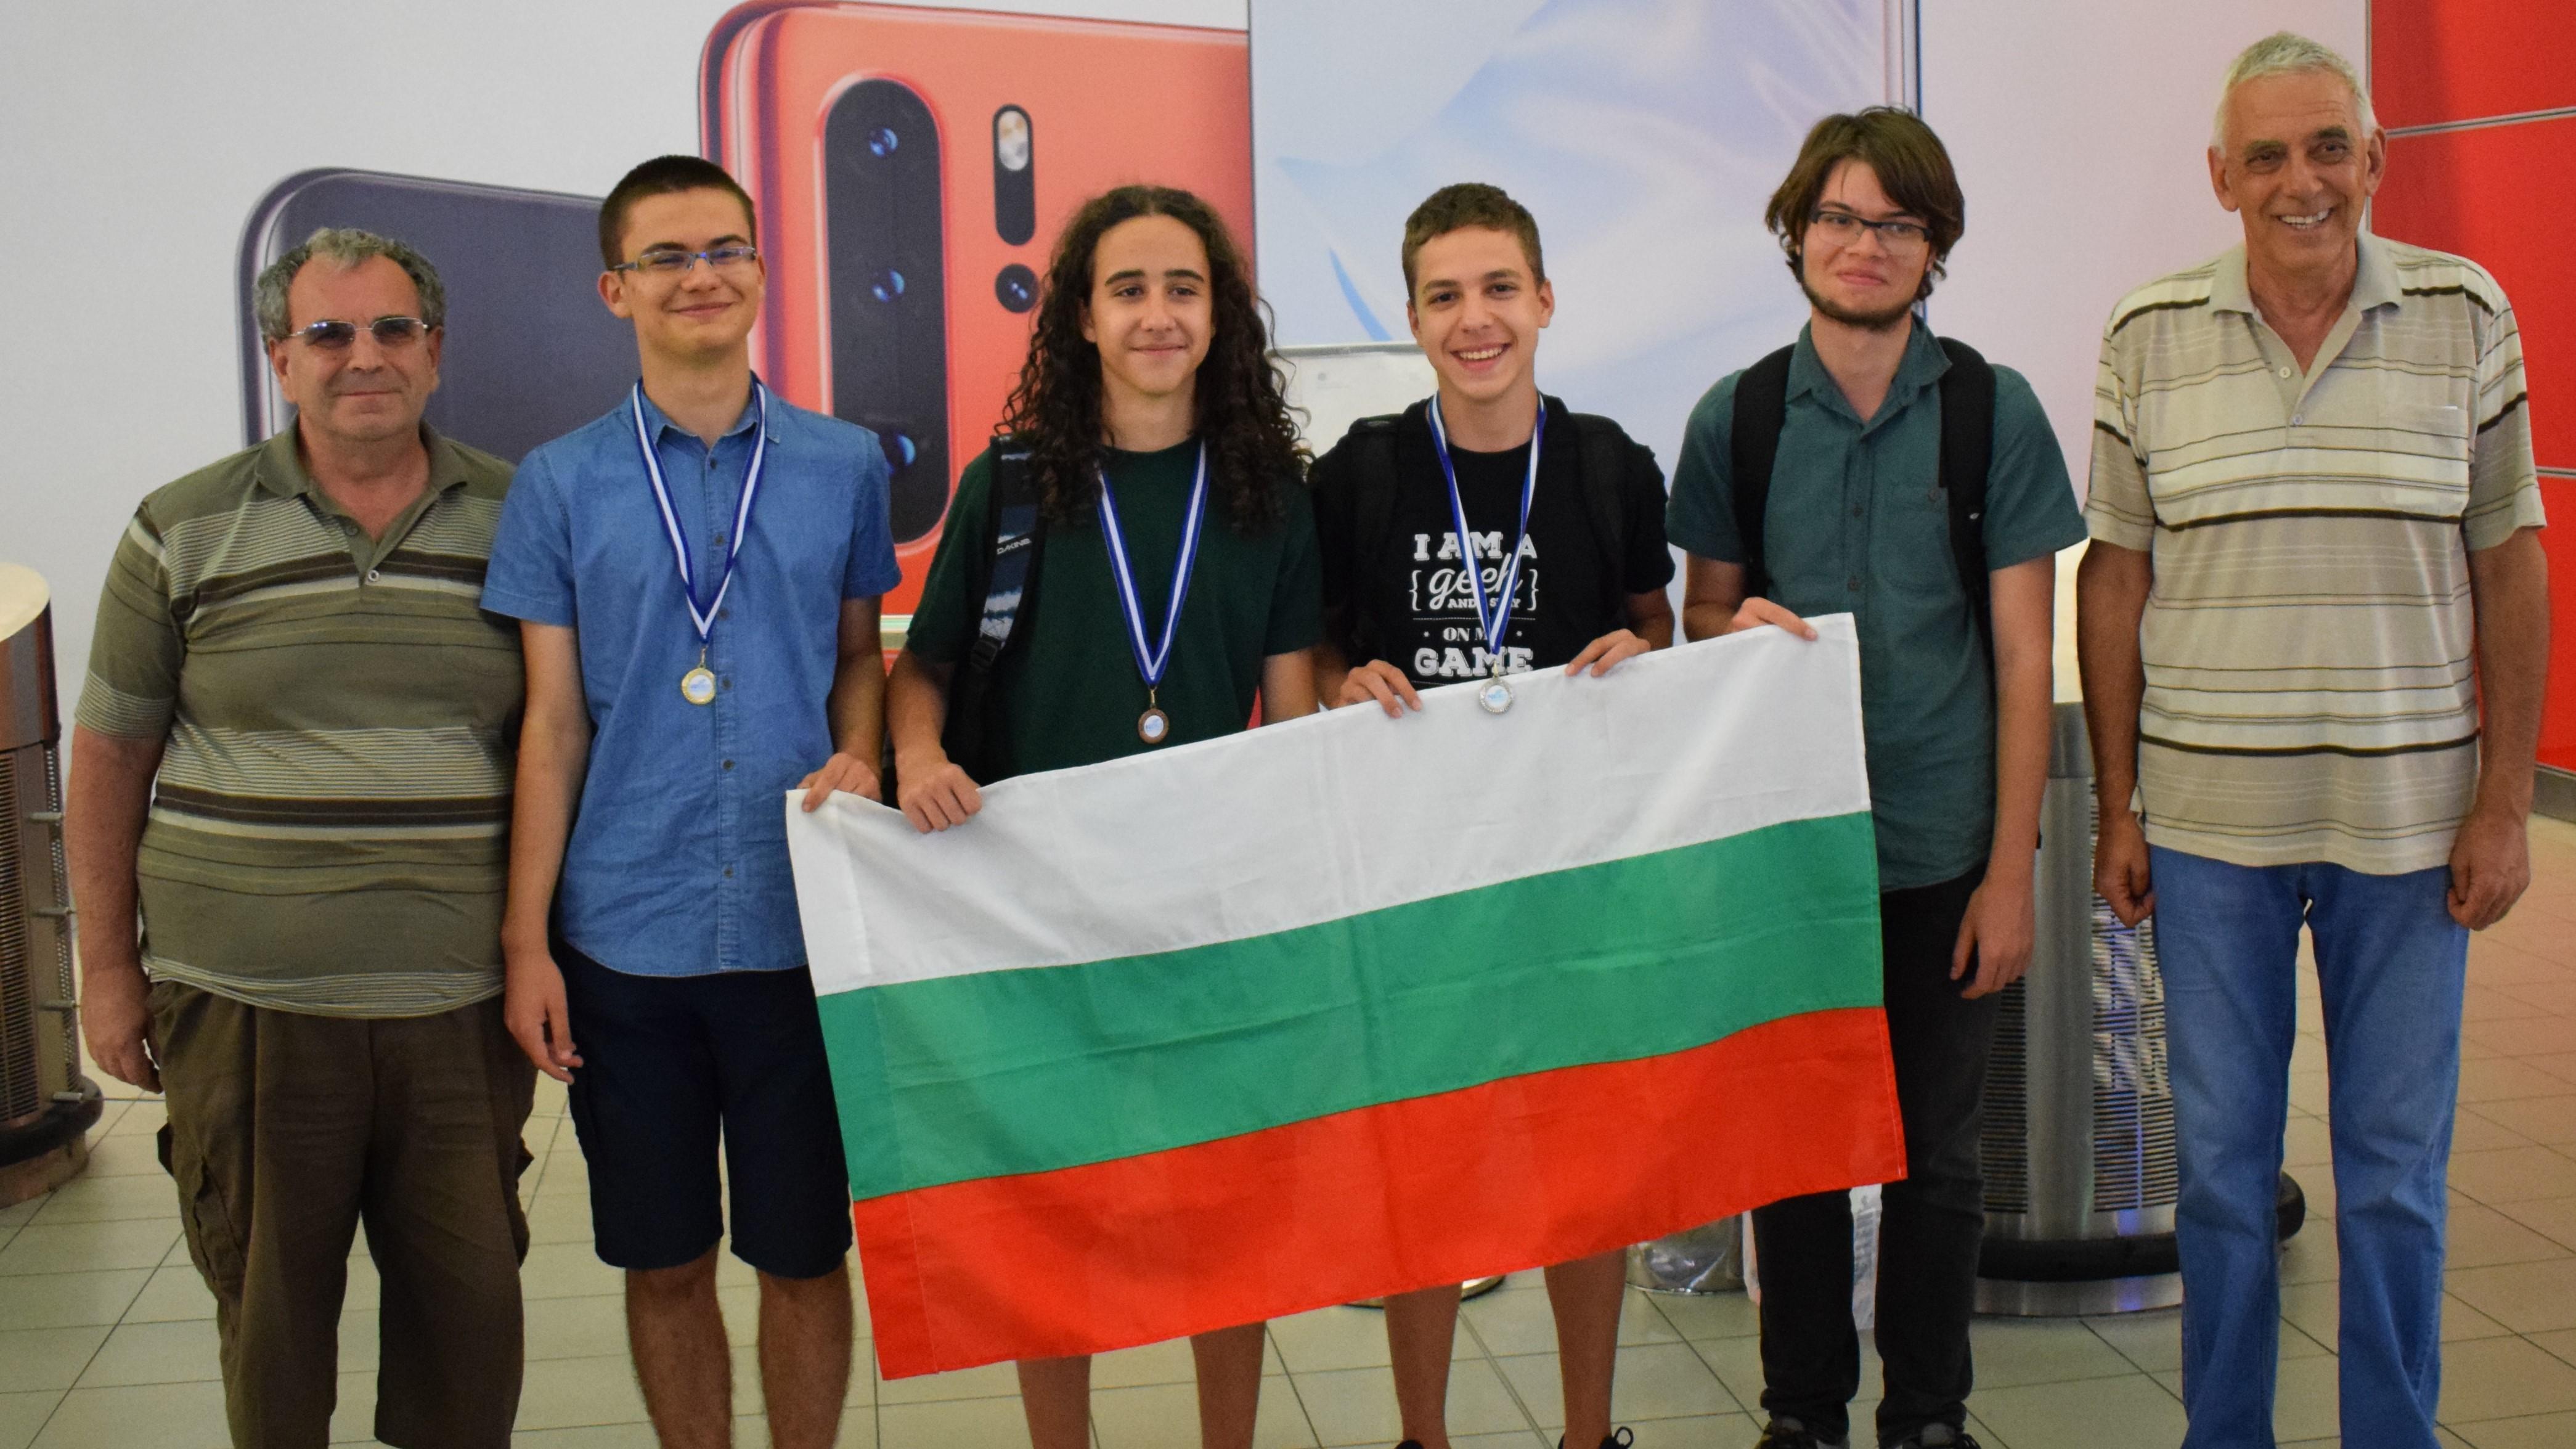 Шампионско завръщане за българските информатици с 3 медала и грамота от Балканската олимпиада (снимки)